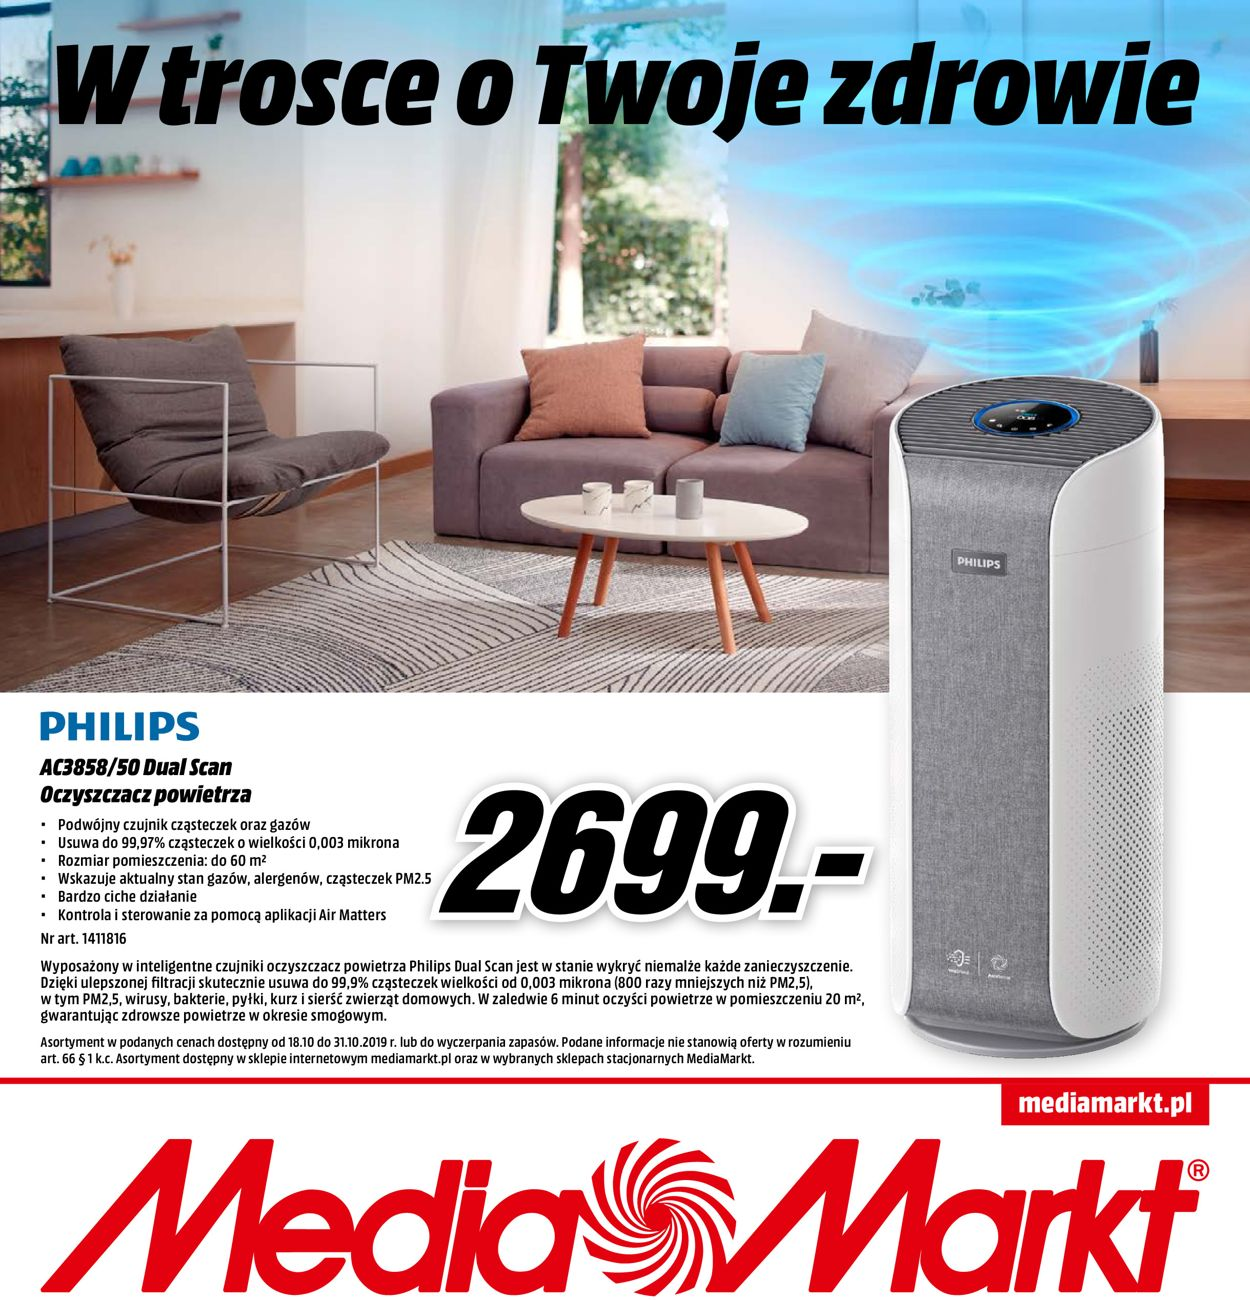 Gazetka promocyjna Media Markt - 18.10-31.10.2019